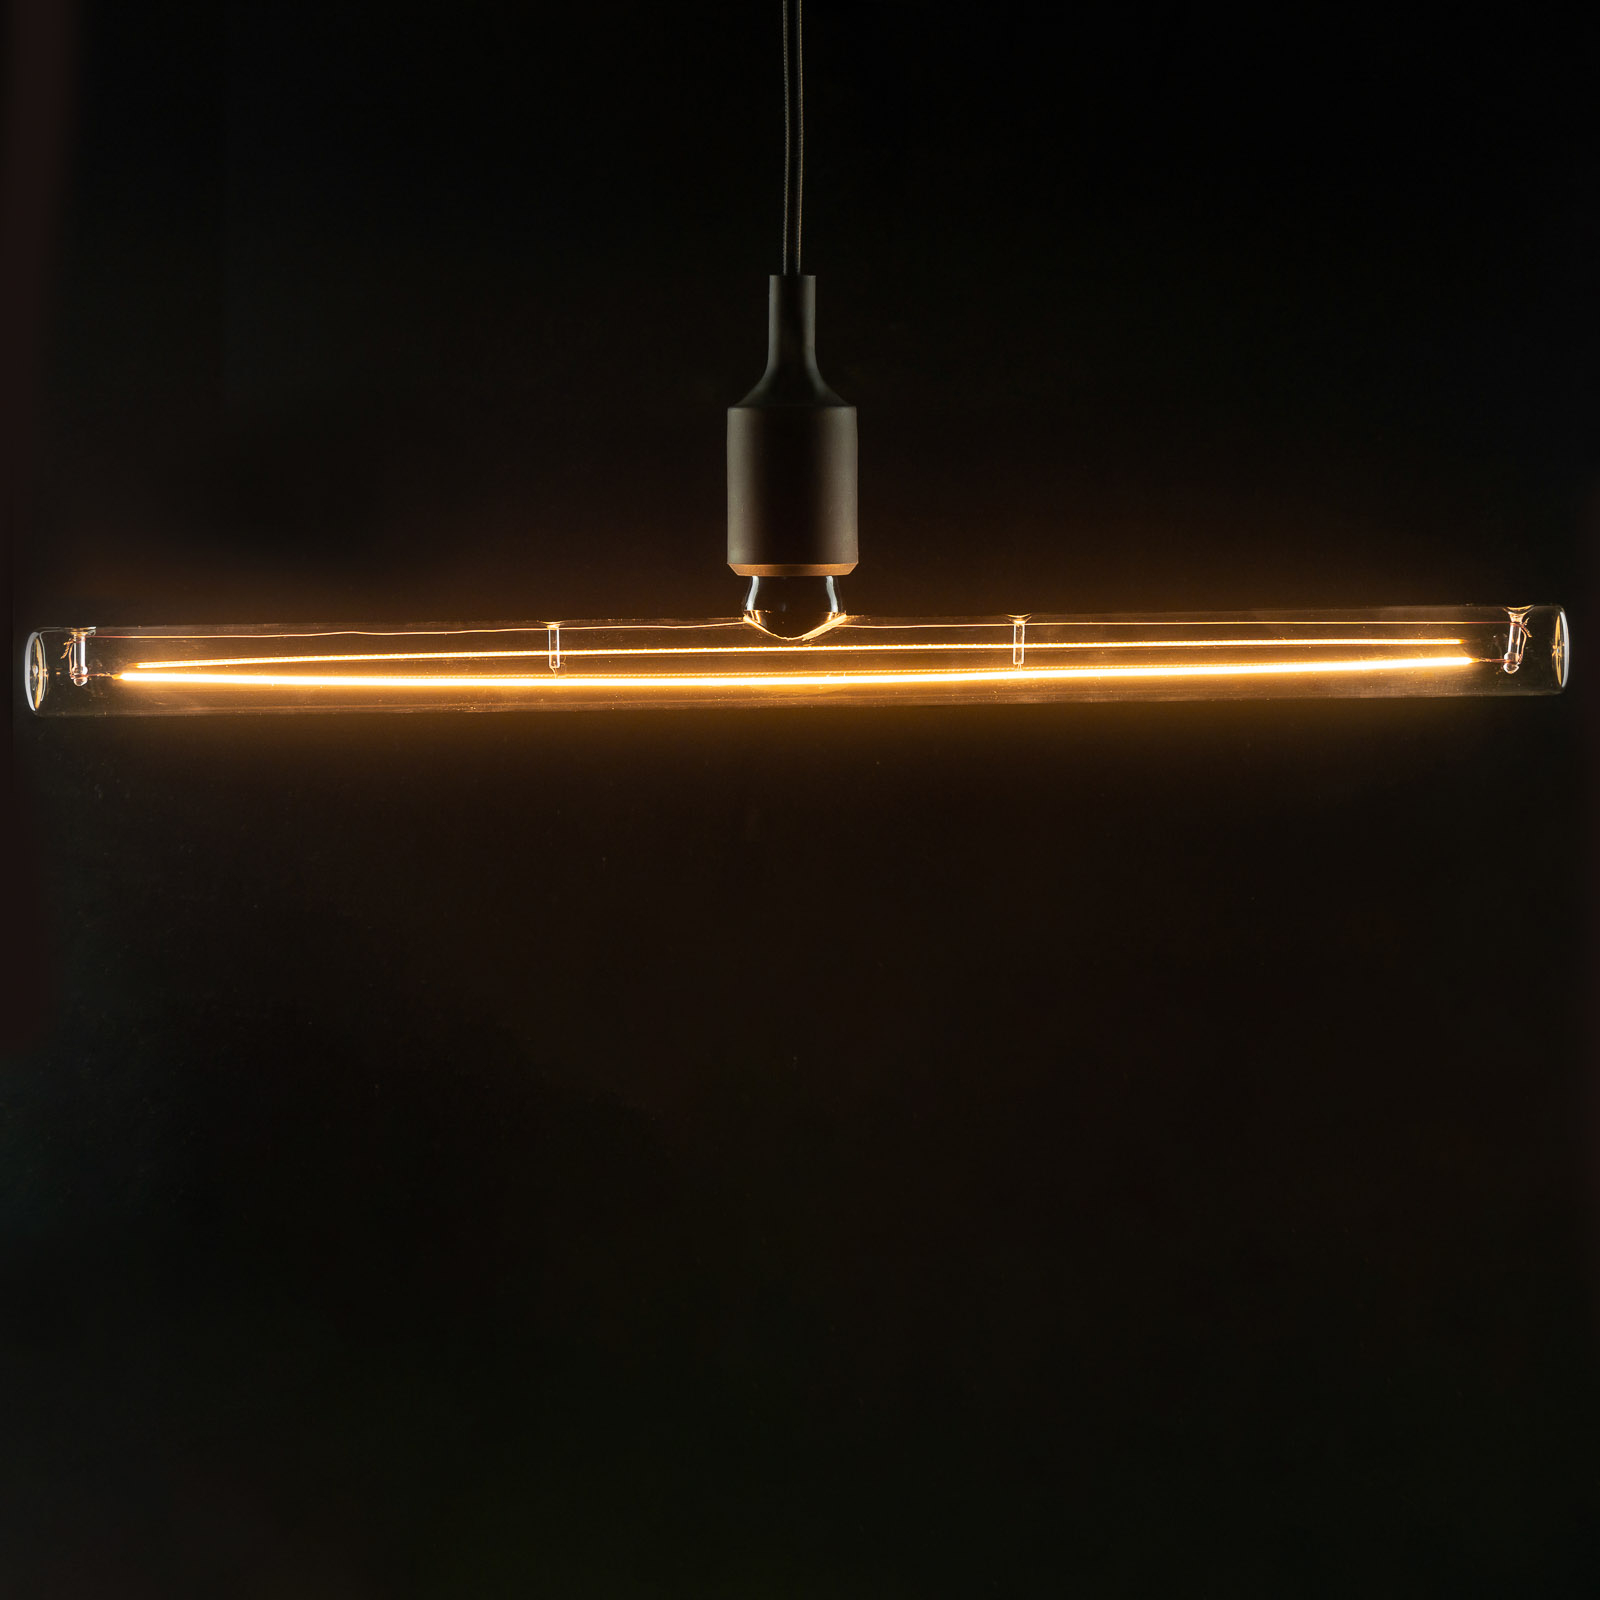 SEGULA LED-Lampe E27 12W Tube 50cm klar dimmbar